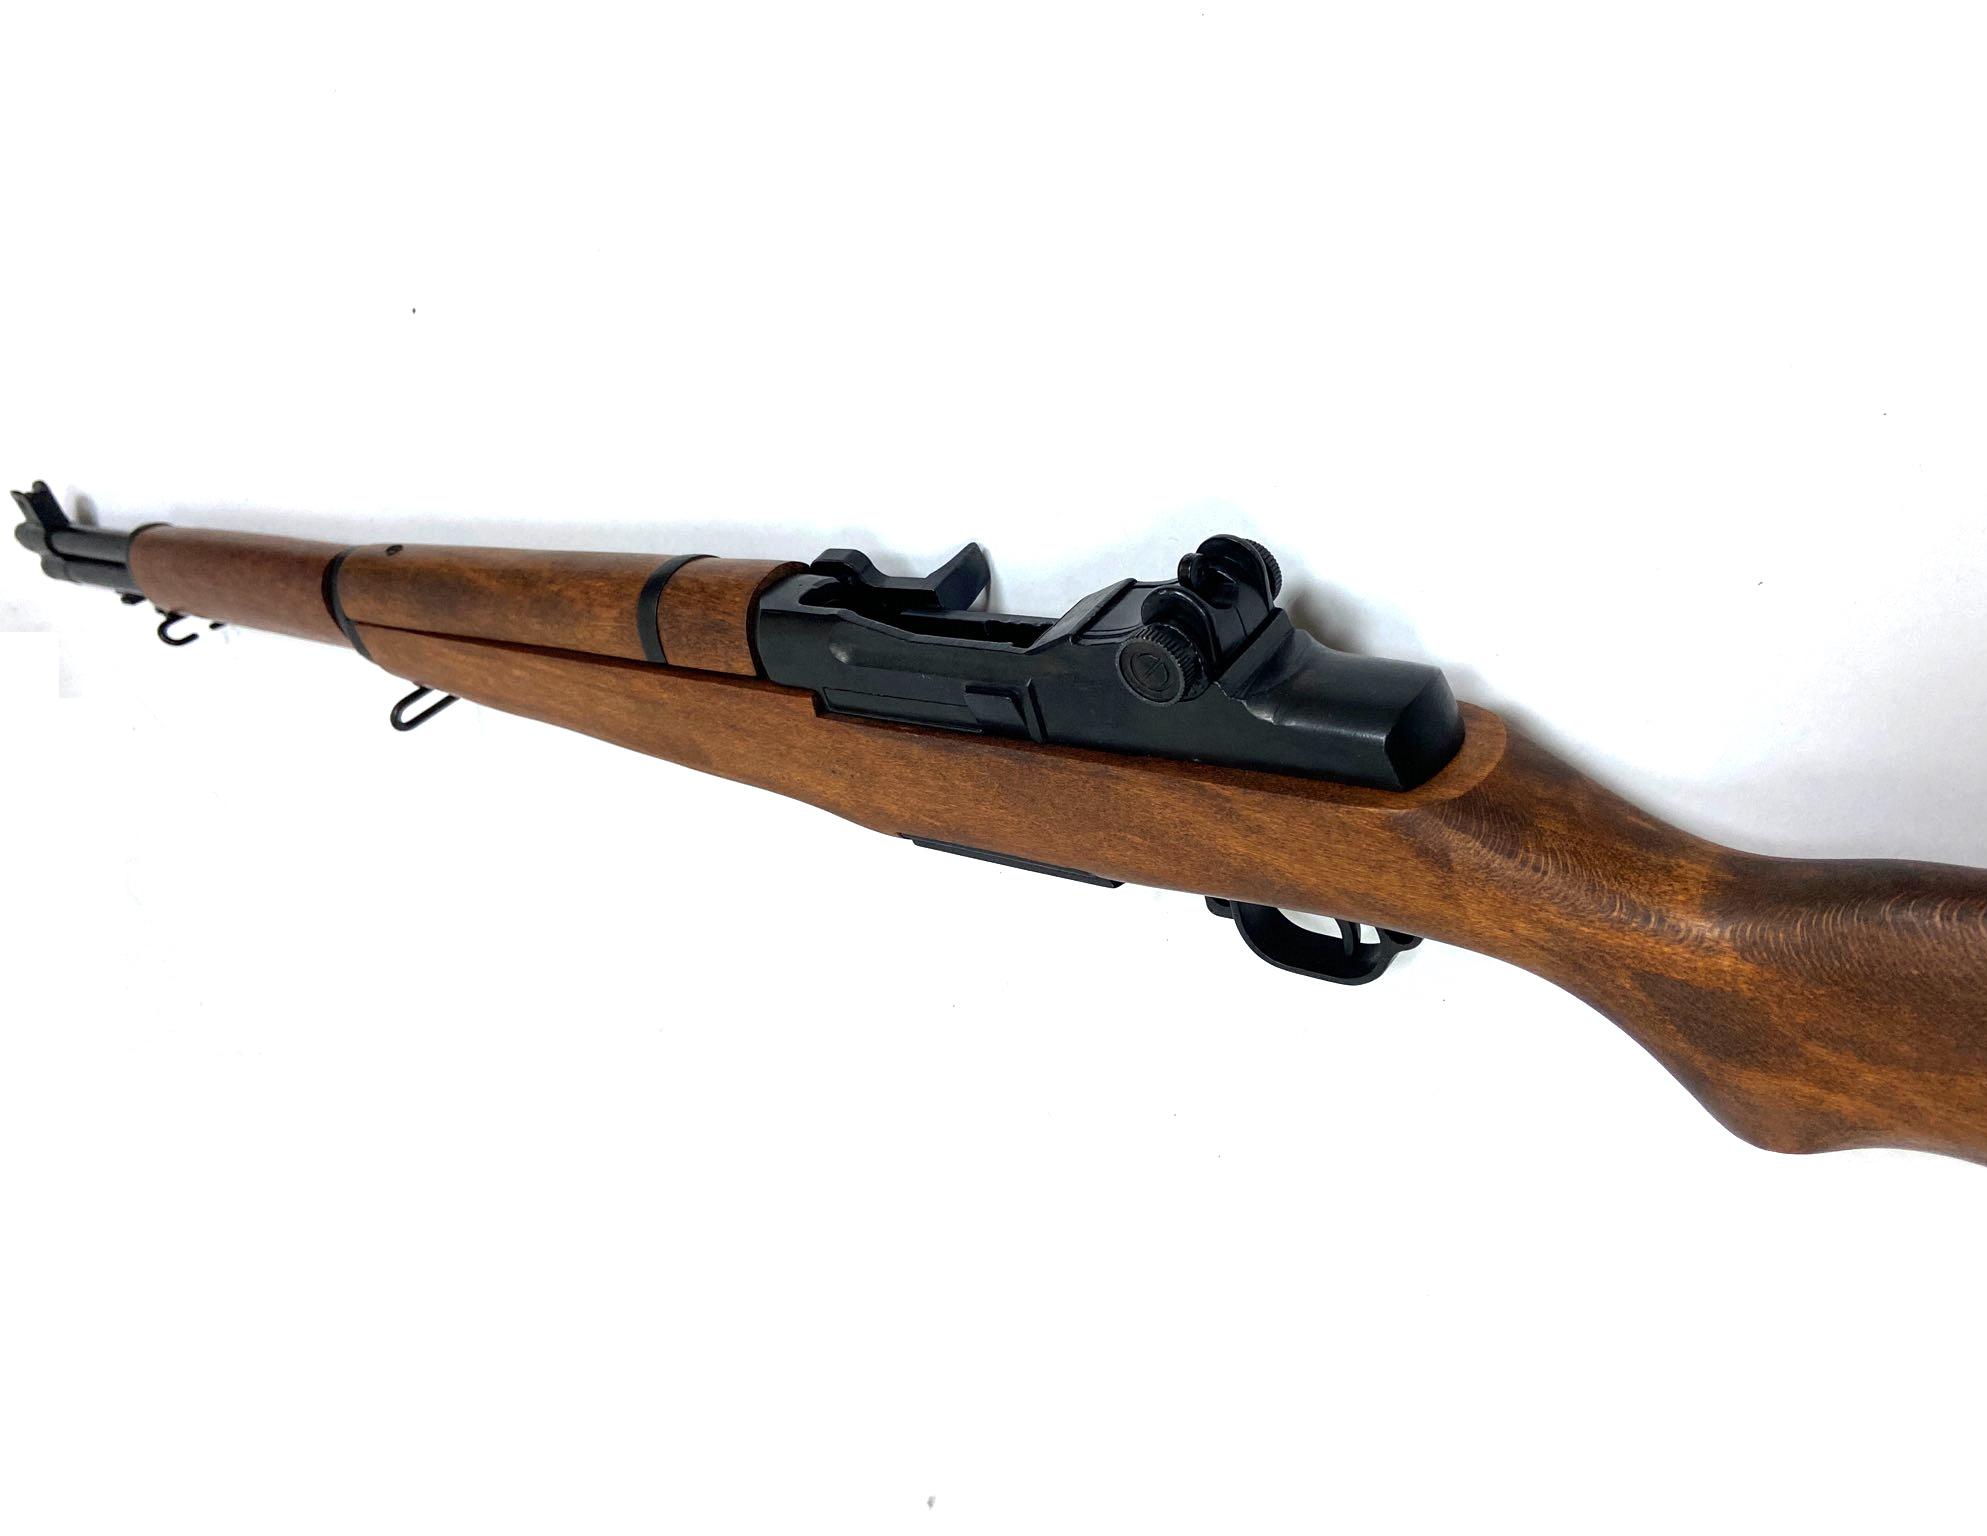  Уценка  Макет винтовка самозарядная Гаранд M-1, DE-1105 (D7/1105-уц-93)